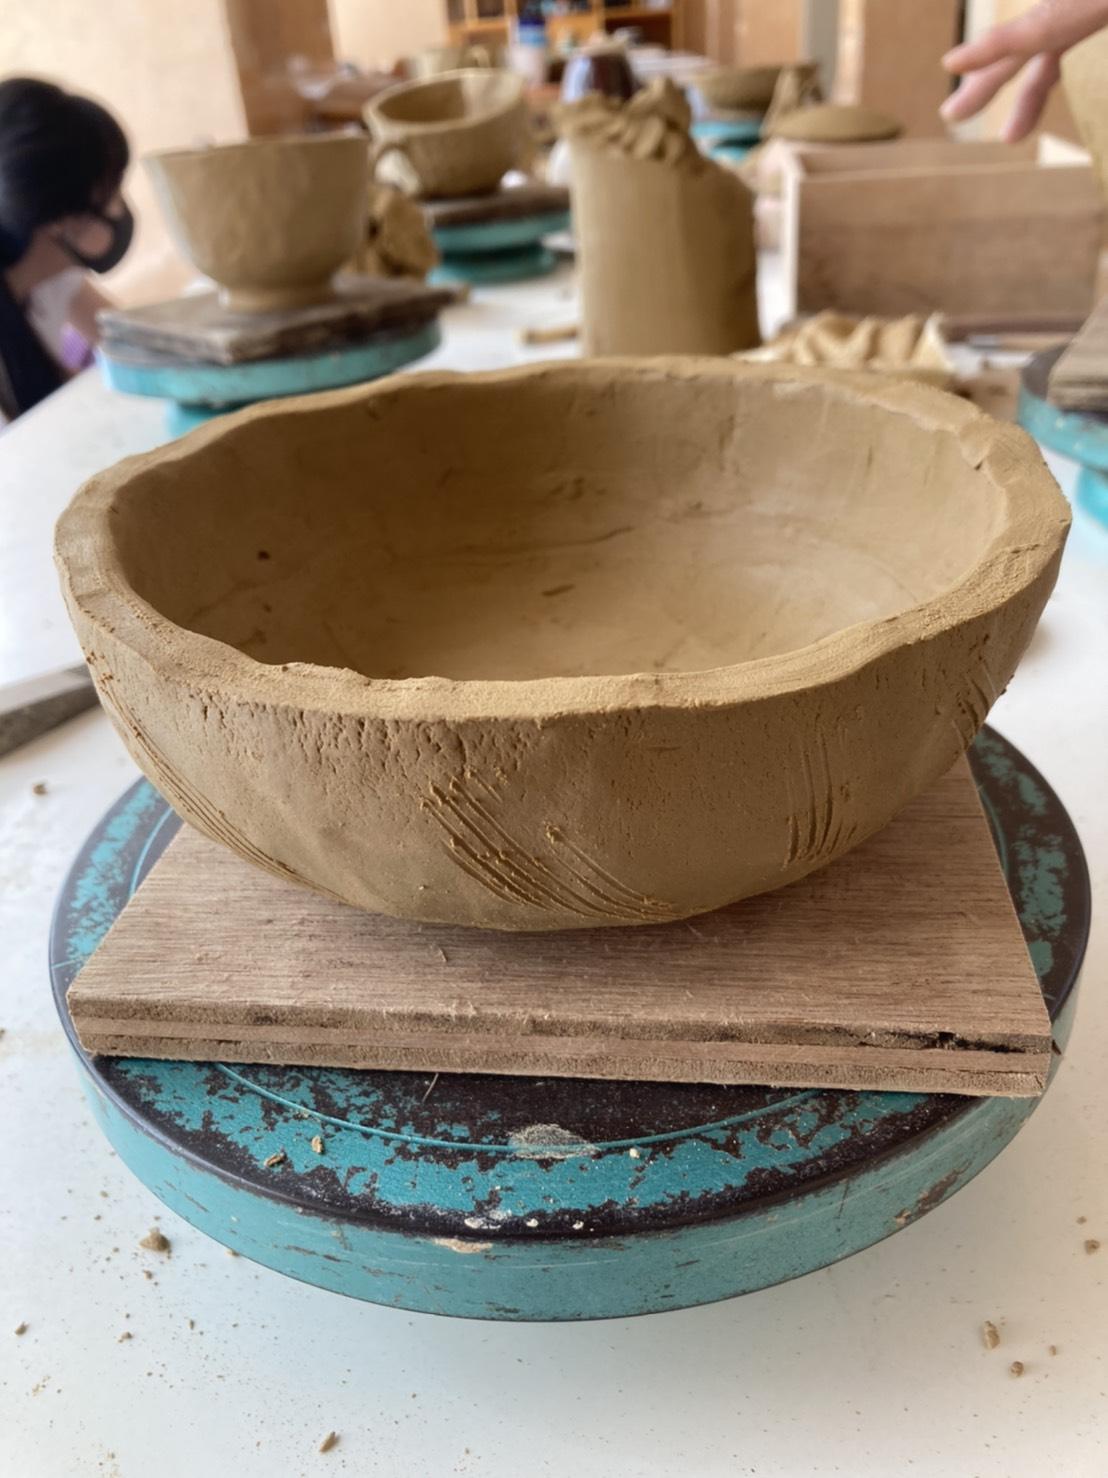 イメージ:初めての陶芸